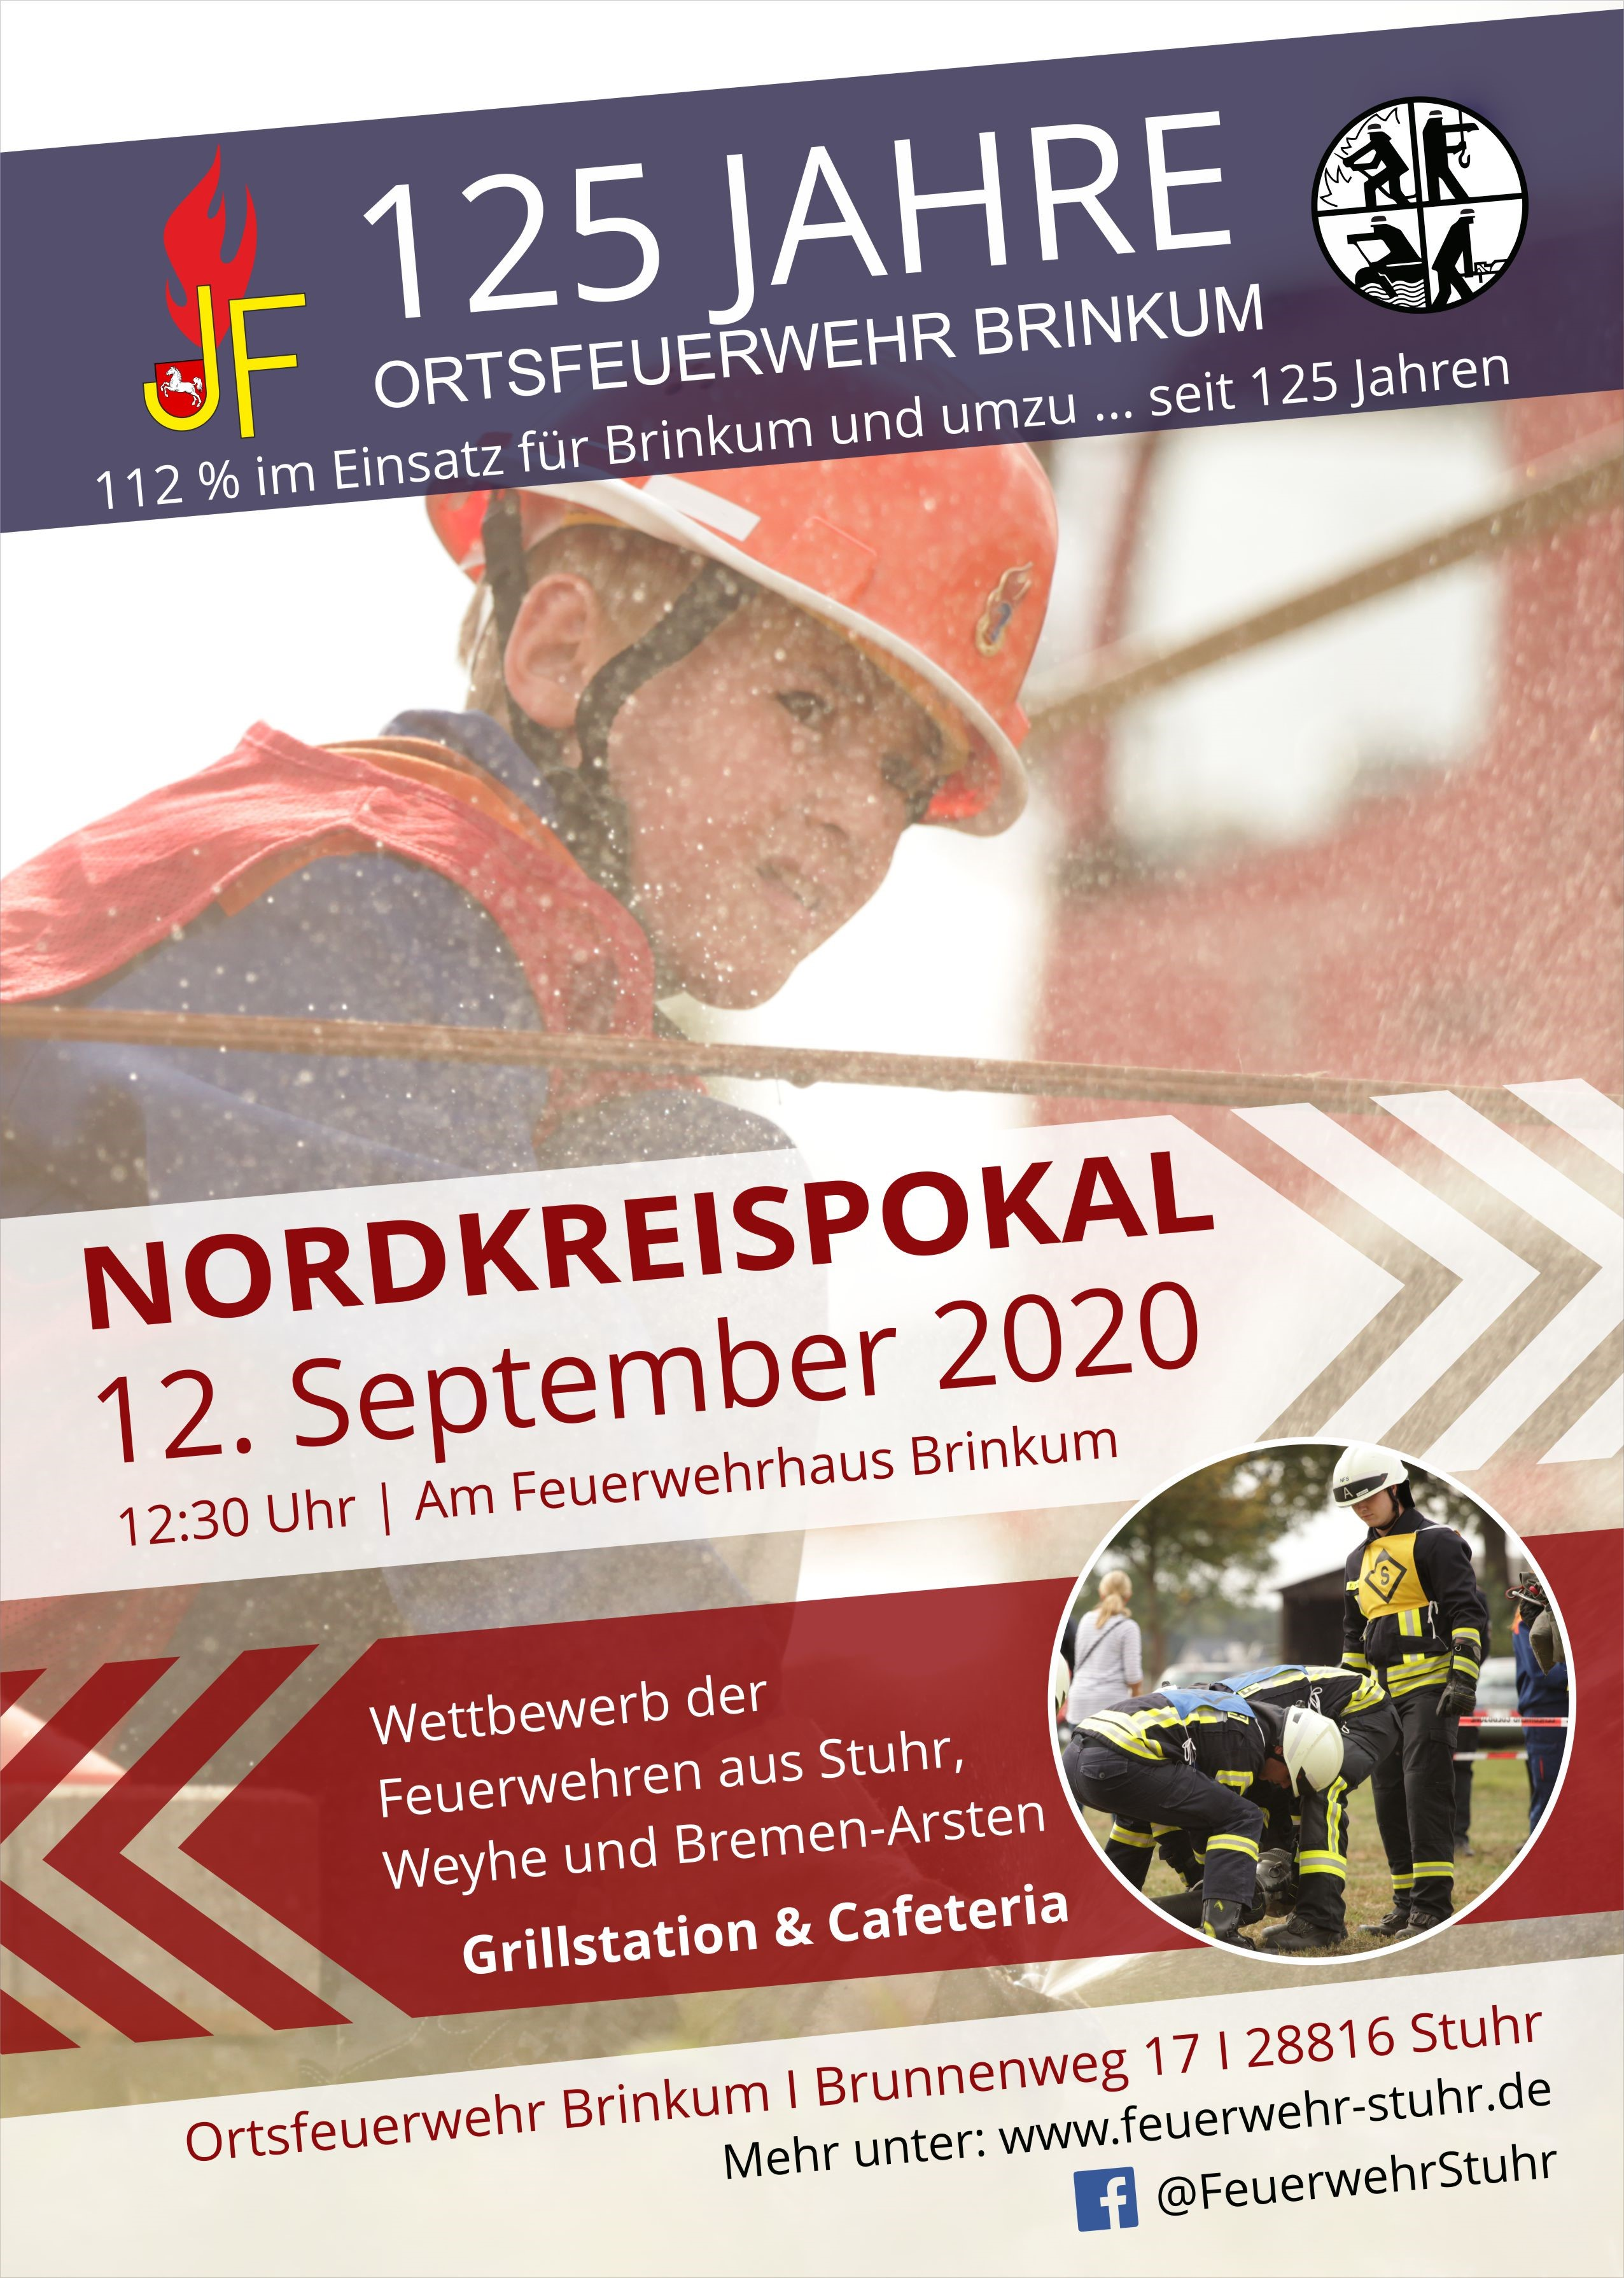 images/Nordkreispokal.jpg